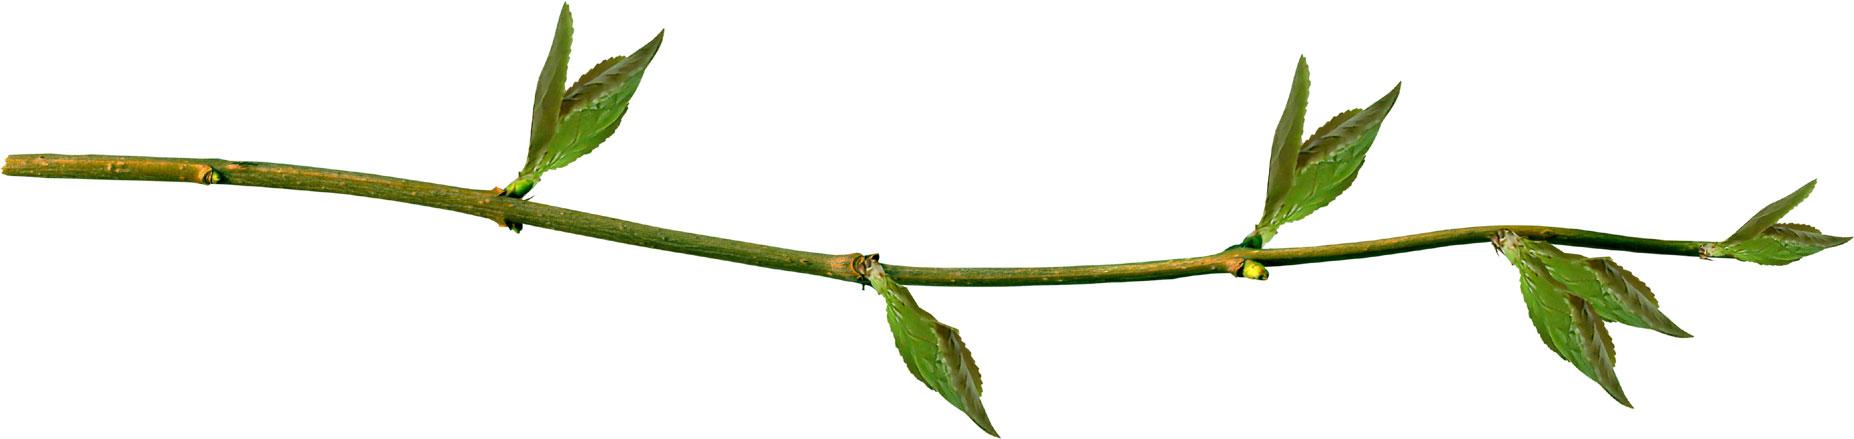 葉っぱや草木のイラスト・画像・フリー素材/No.251『枝葉・横長』